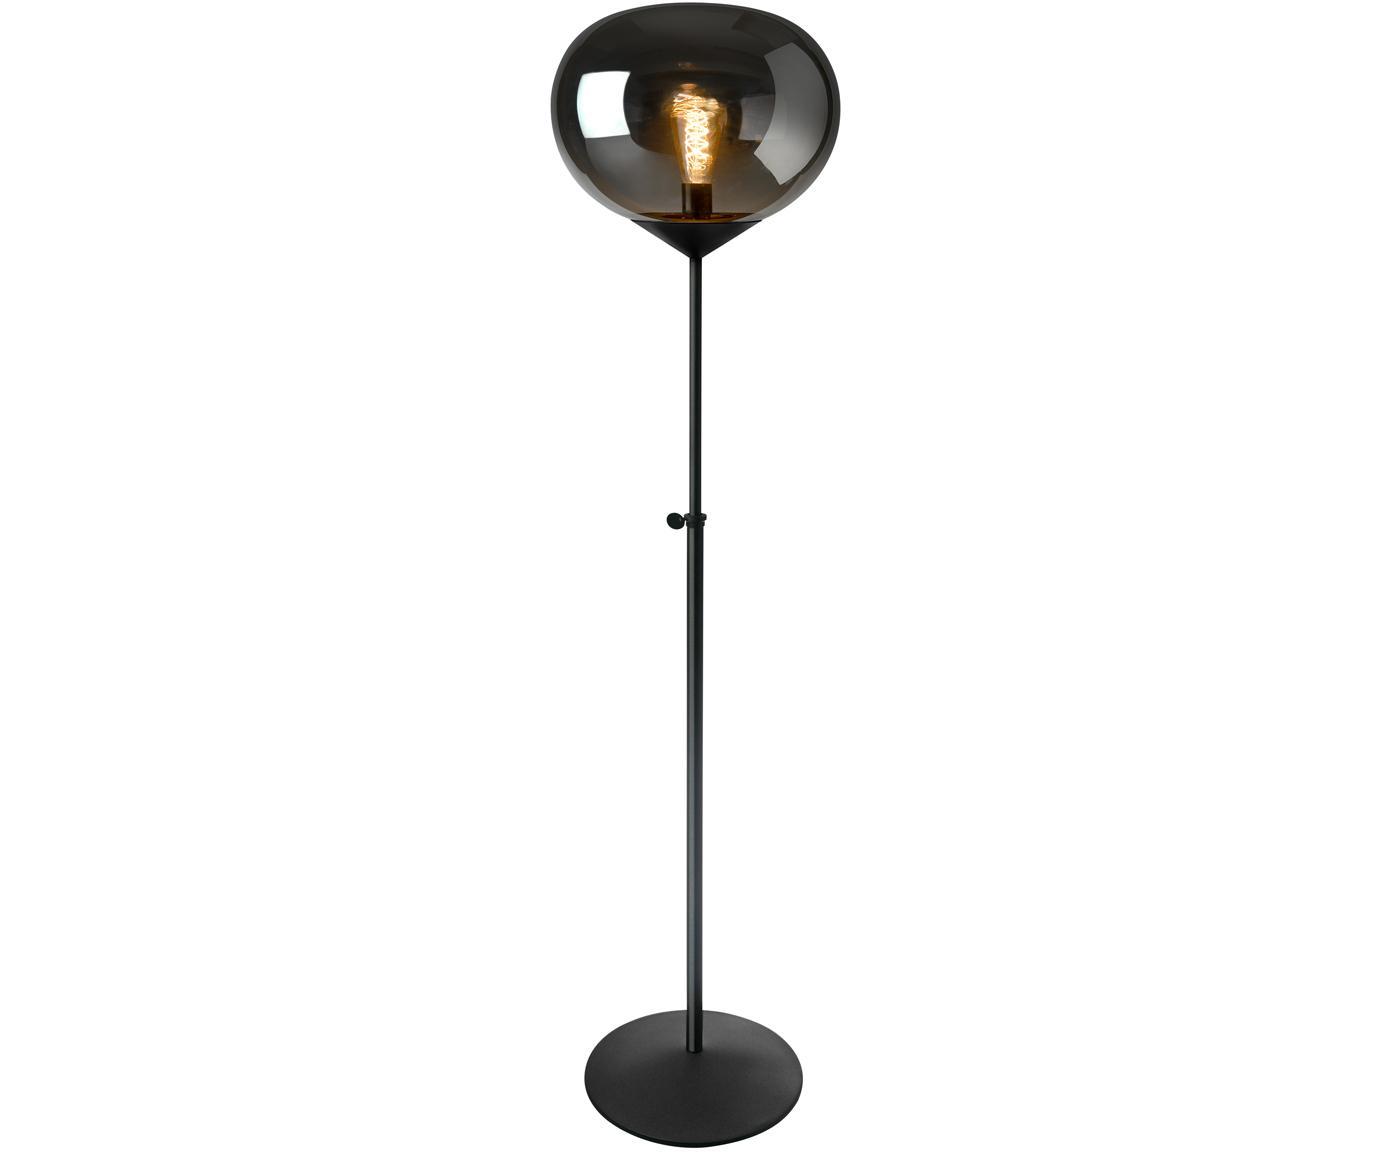 Stehlampe Drop, höhenverstellbar, Lampenschirm: Glas, verchromt, Lampenfuß: Metall, lackiert, Chrom, Schwarz, Ø 36 x H 164 cm